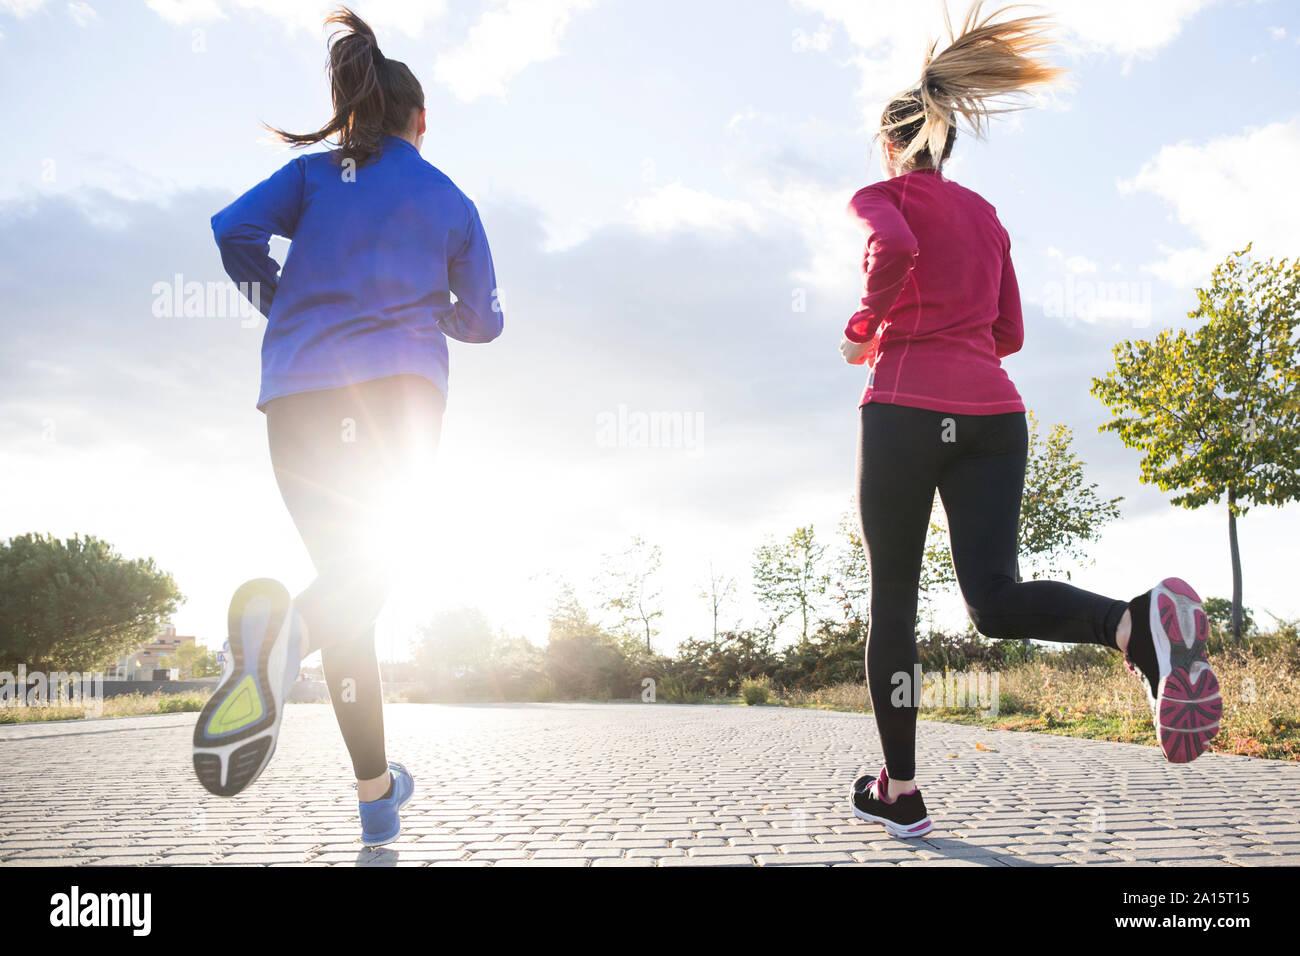 Vue arrière de la femme en marche ensemble dans un parc, contre le soleil du matin Banque D'Images